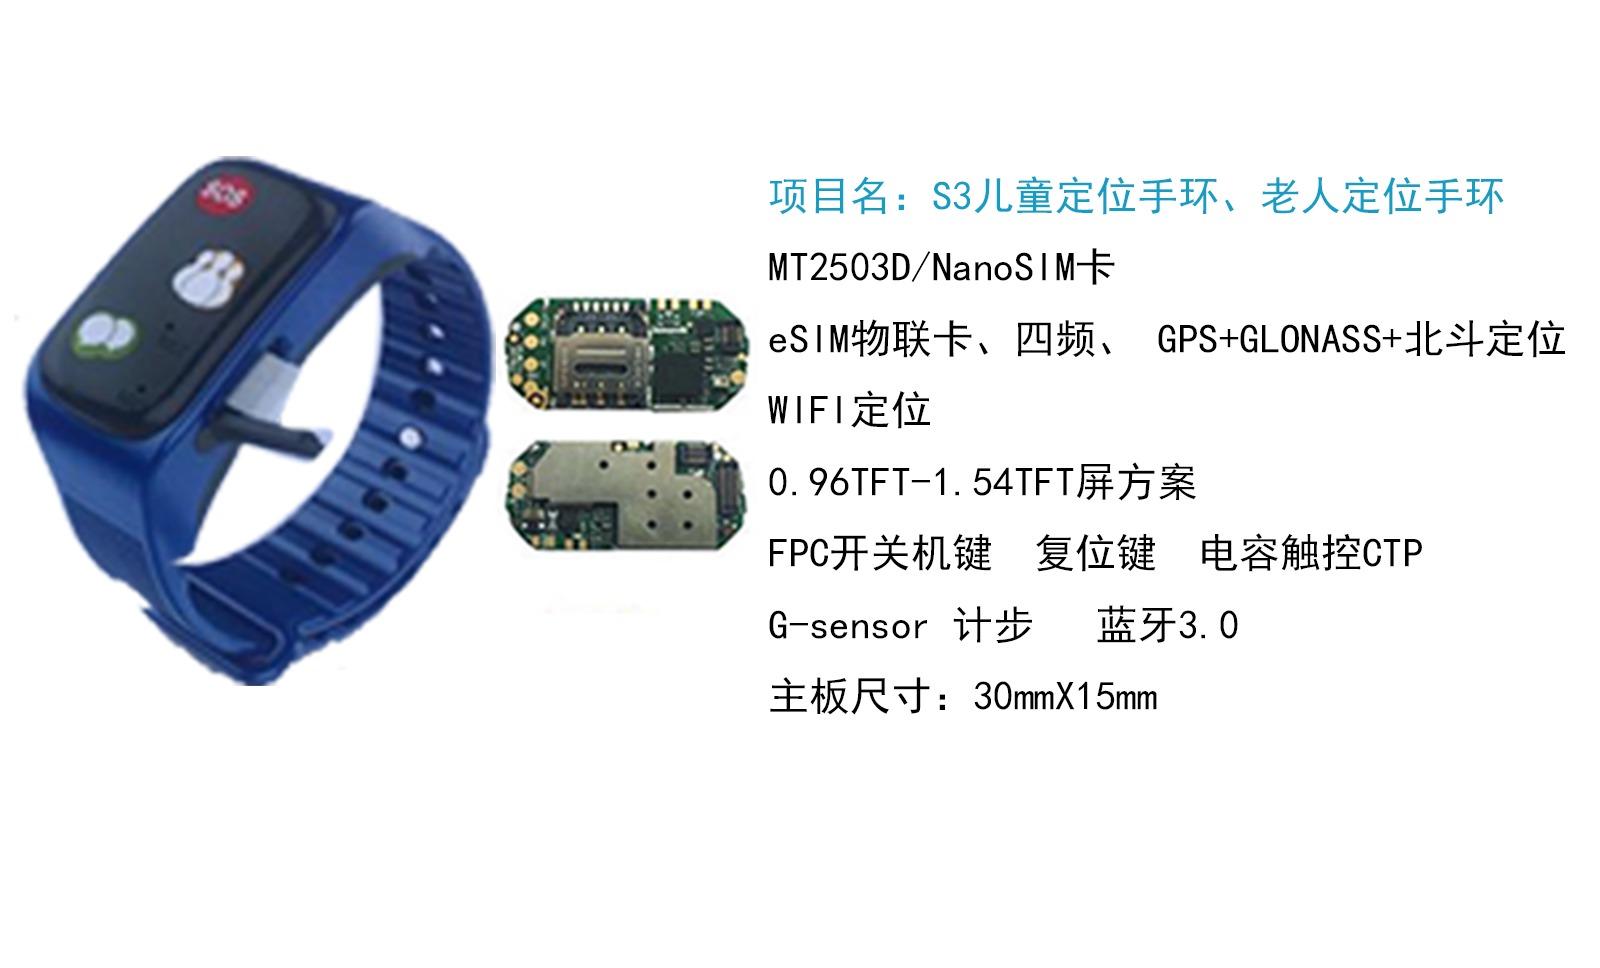 2503插卡定位手环(2503+GPS天线)